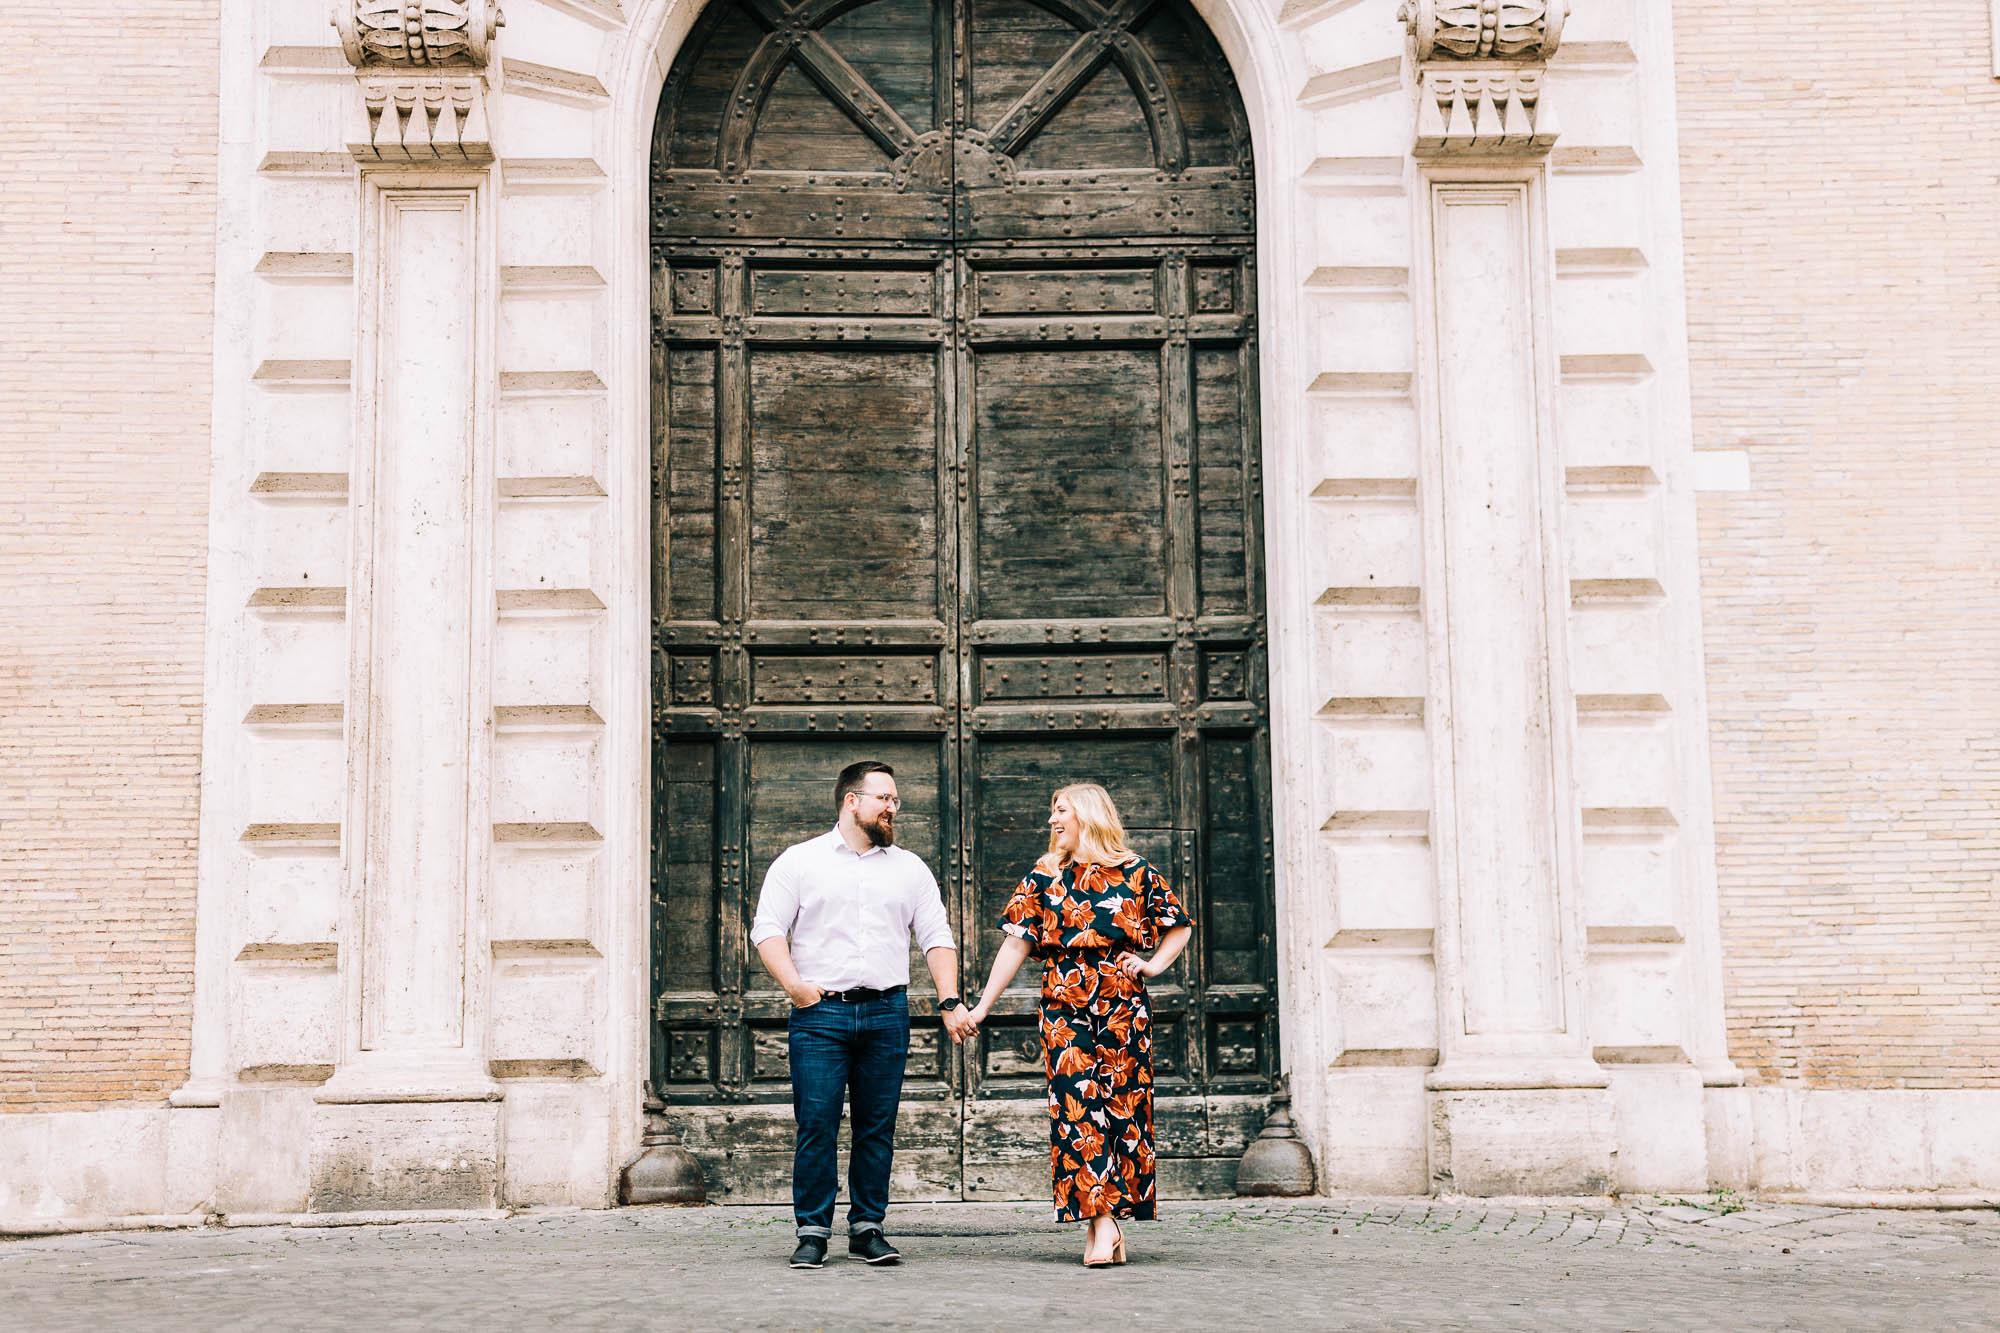 Rome_anniversary_photoshoot-1612.jpg